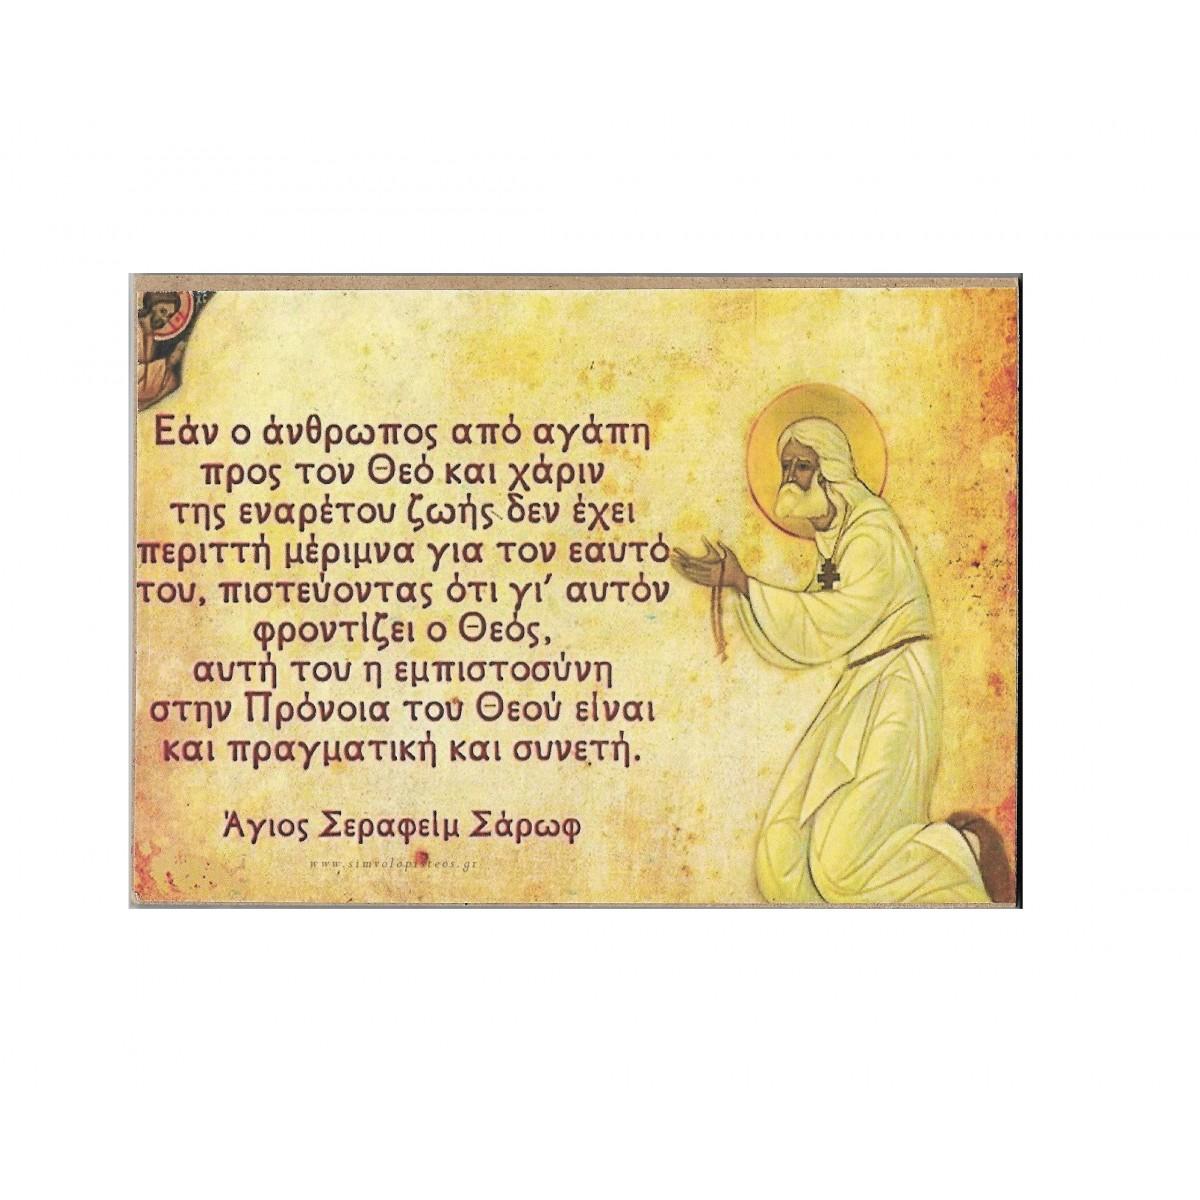 Προσευχή Άγιος Σεραφείμ Σάρωφ